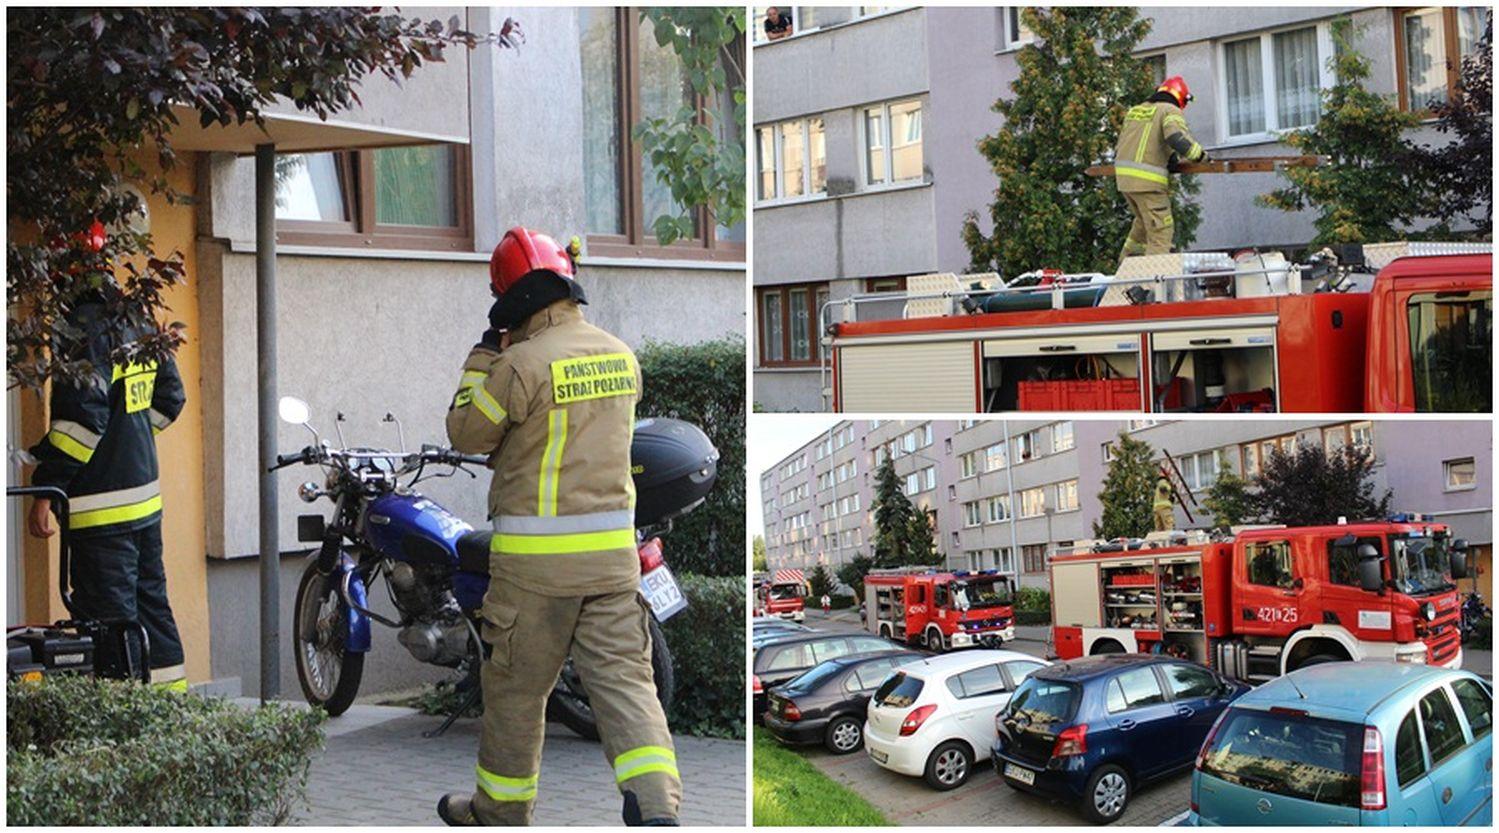 Akcja straży na kutnowskim osiedlu. Zgłoszenie o pożarze w bloku [ZDJĘCIA] - Zdjęcie główne